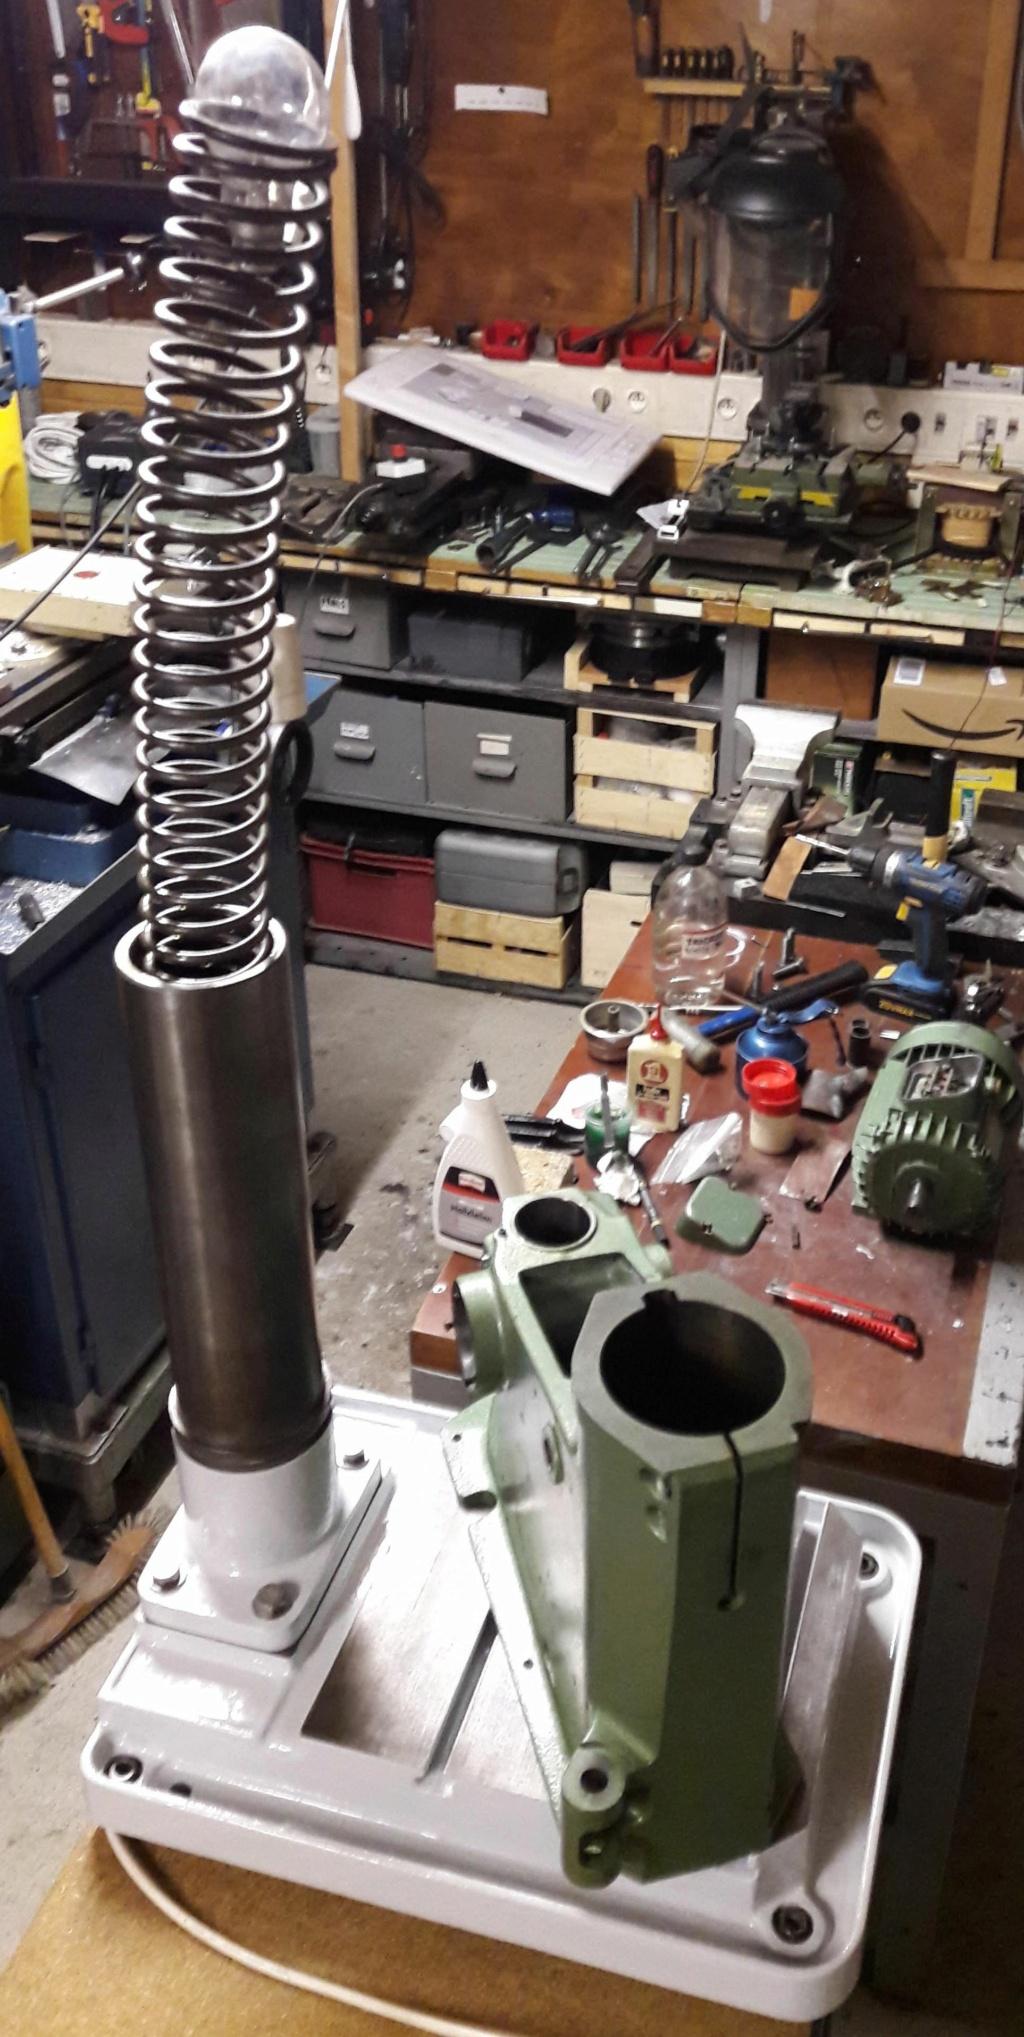 perceuse sydéric S20 nouvelle arrivé dans l'atelier  - Page 2 20191107